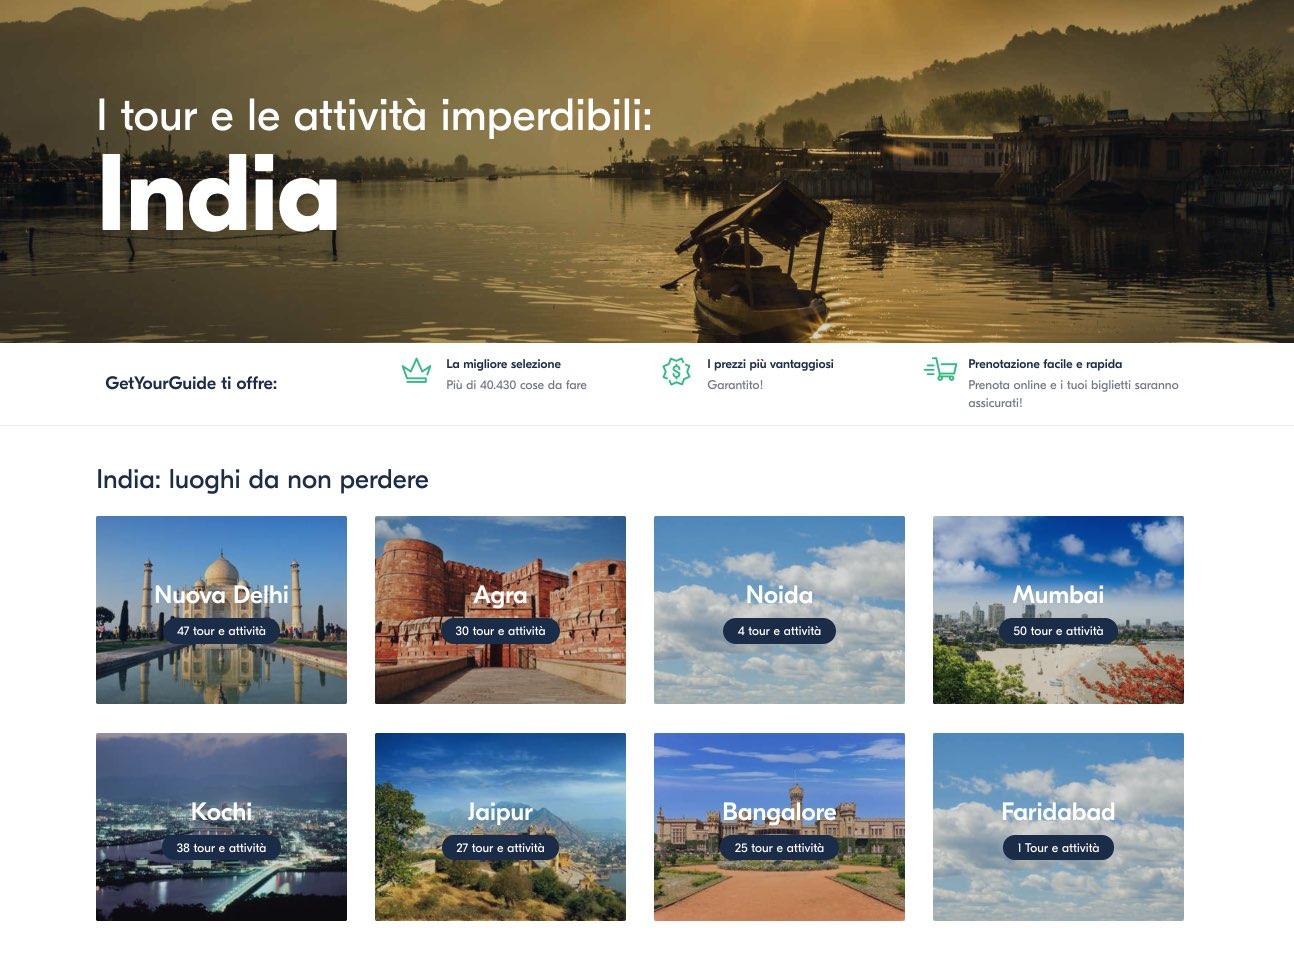 Migliori tour viaggi e attivita India